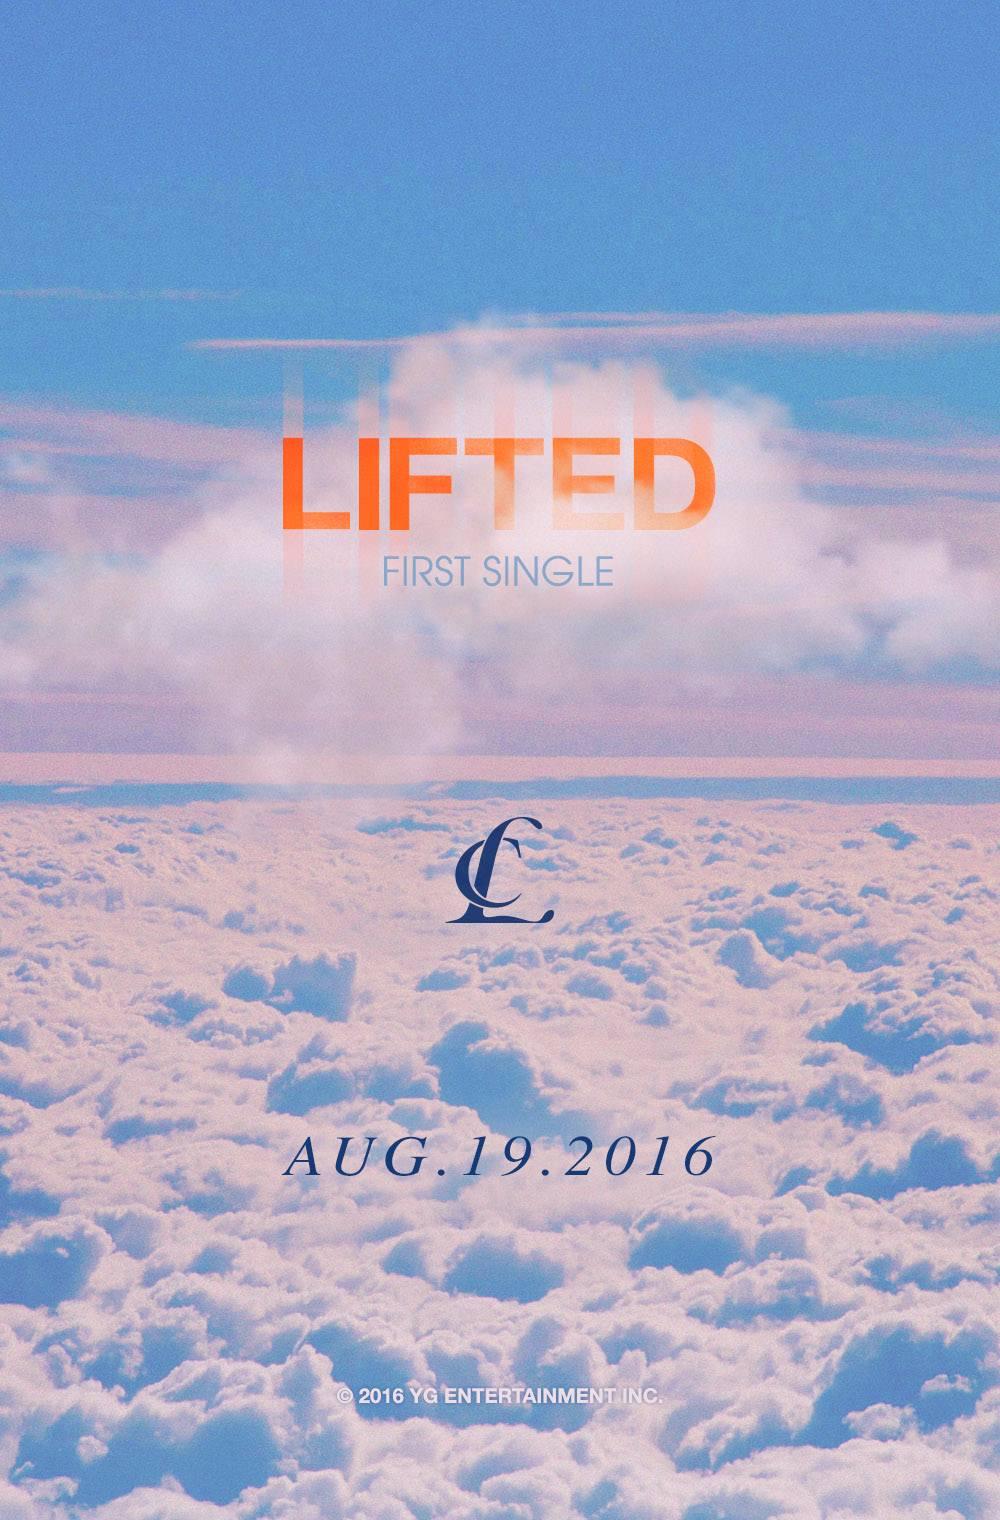 而今天,YG娛樂大公開,下一位回歸的主人翁竟然跌破大家眼鏡,確定是2NE1的CL,歌曲名《LIFTED》,為何是「首張單曲」,據了解,這是進入美國市場的正式單曲~